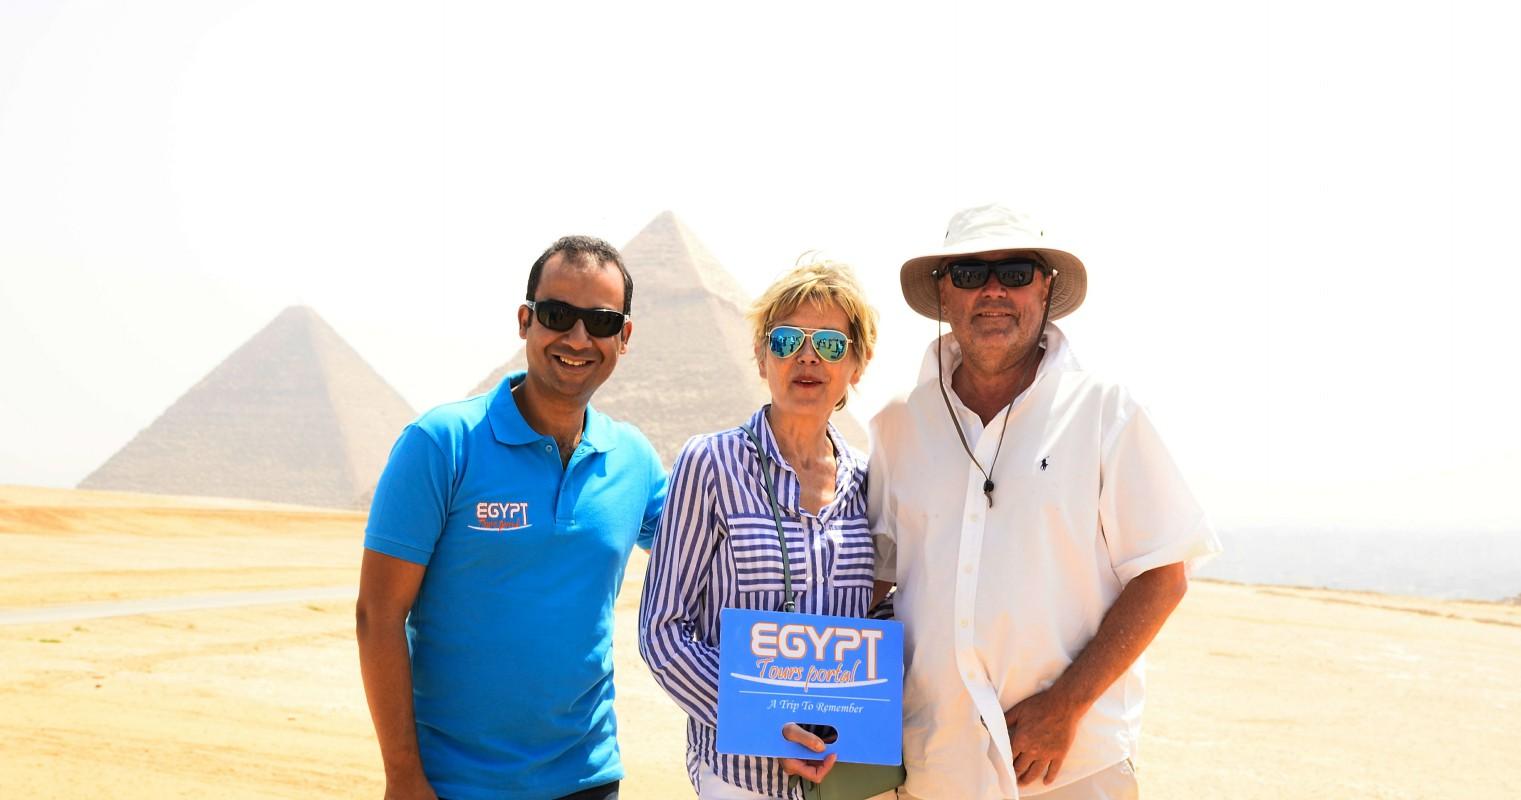 Giza Pyramids - 9 Days Egypt Tour Itinerary - Egypt Tours Portal